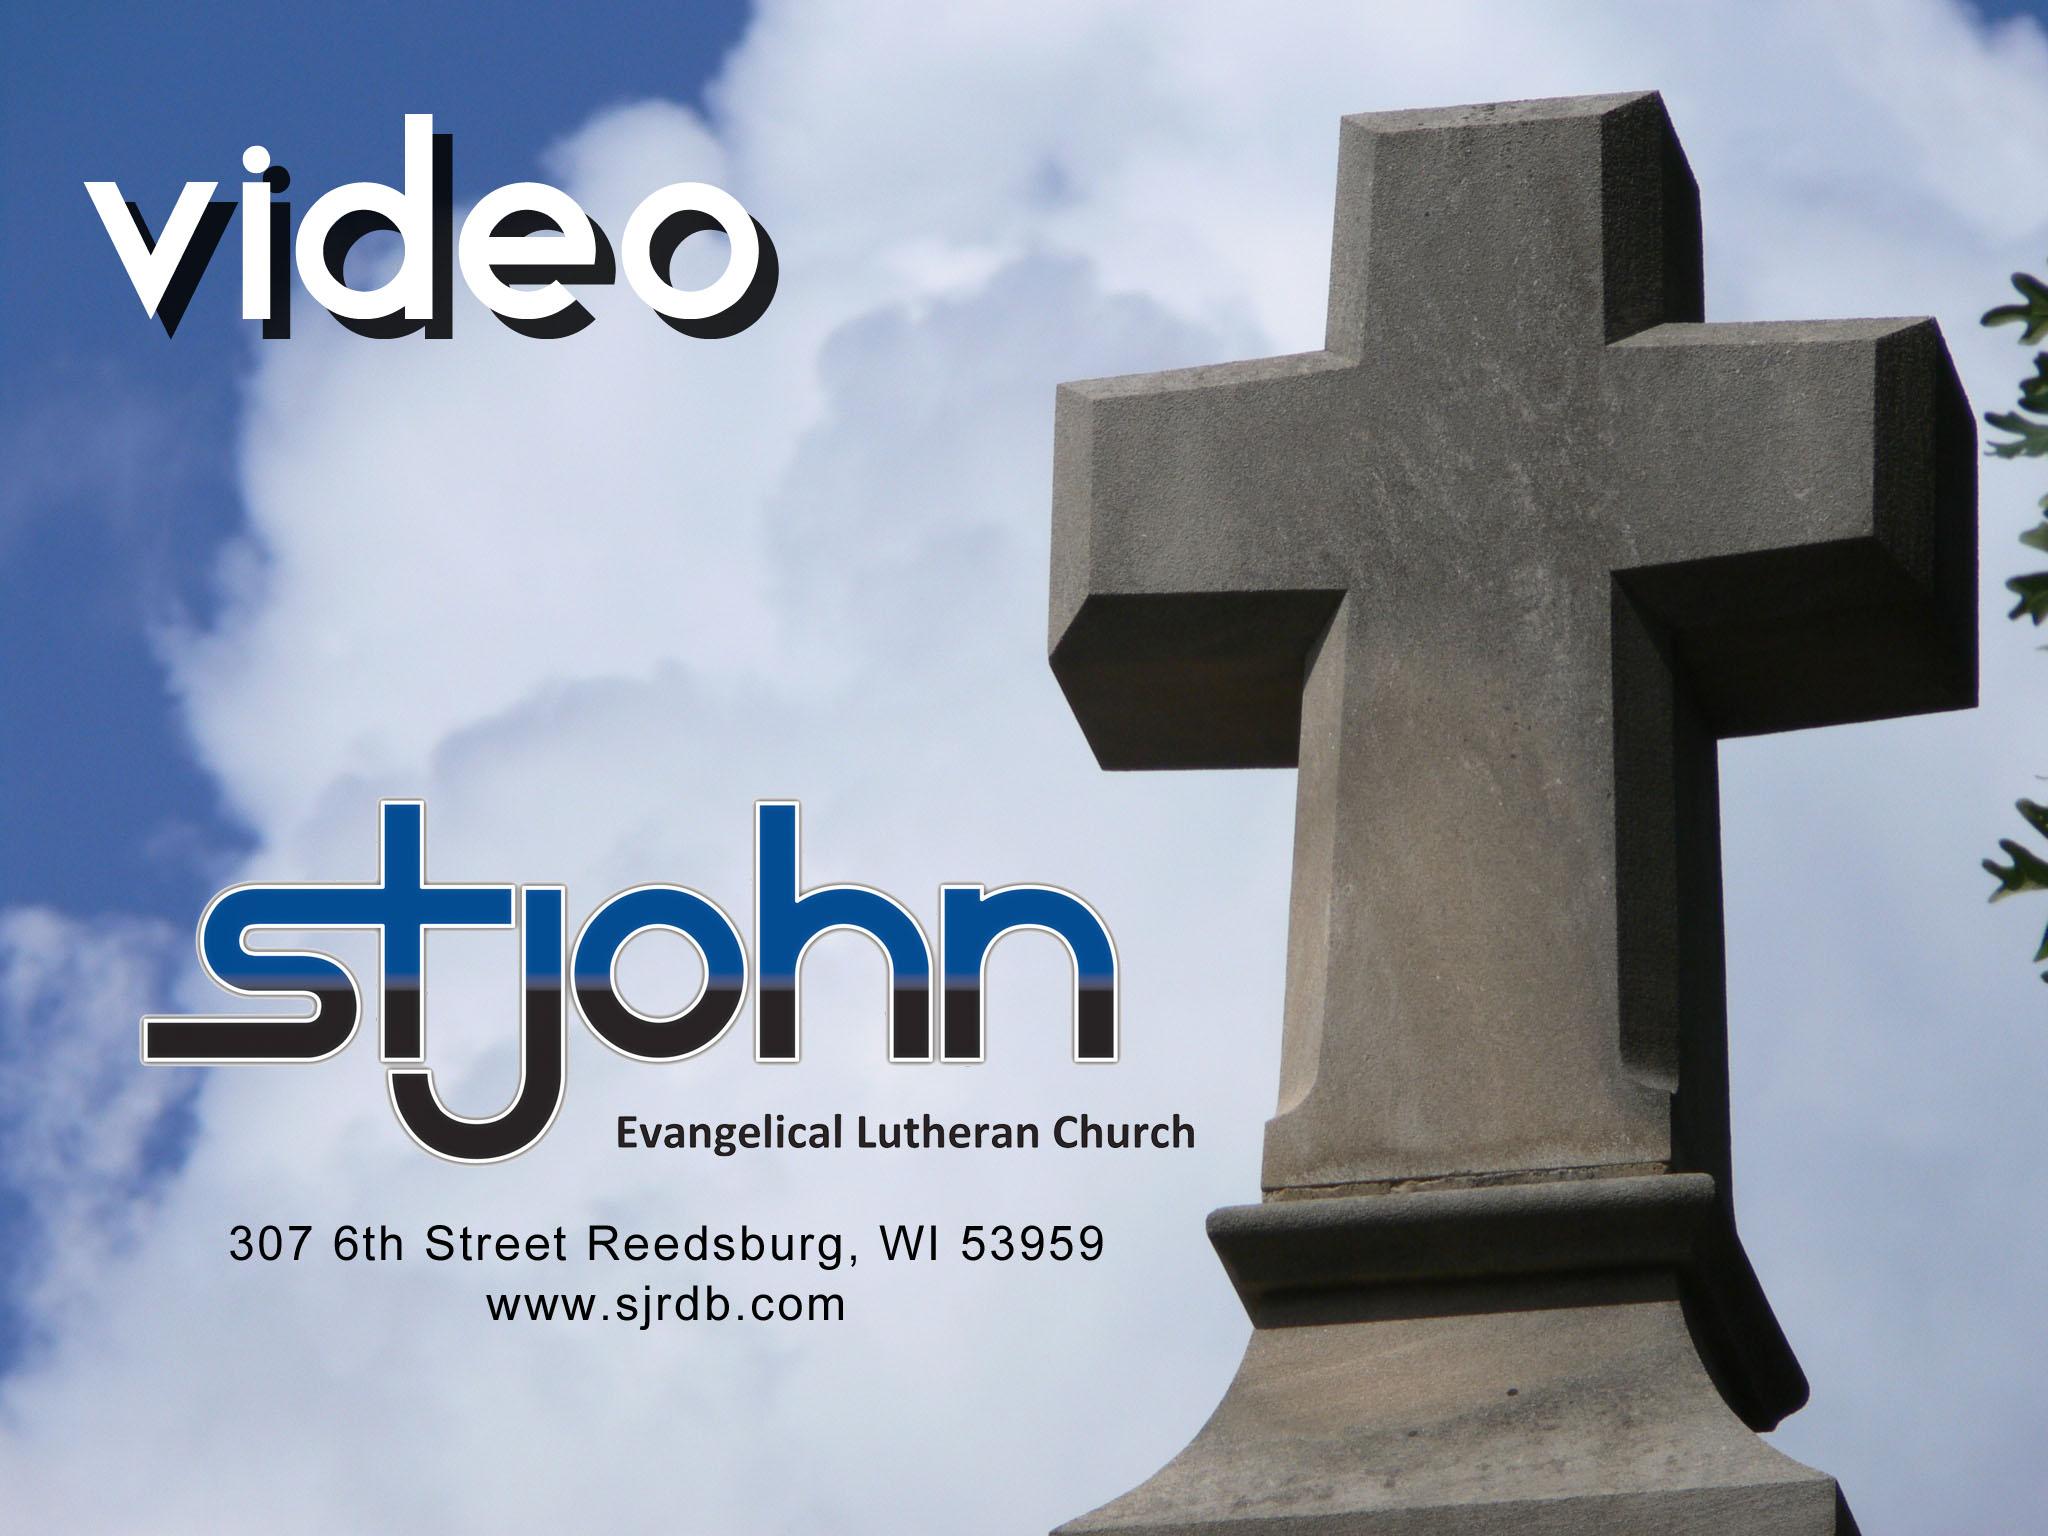 Videointrostill copy.jpg